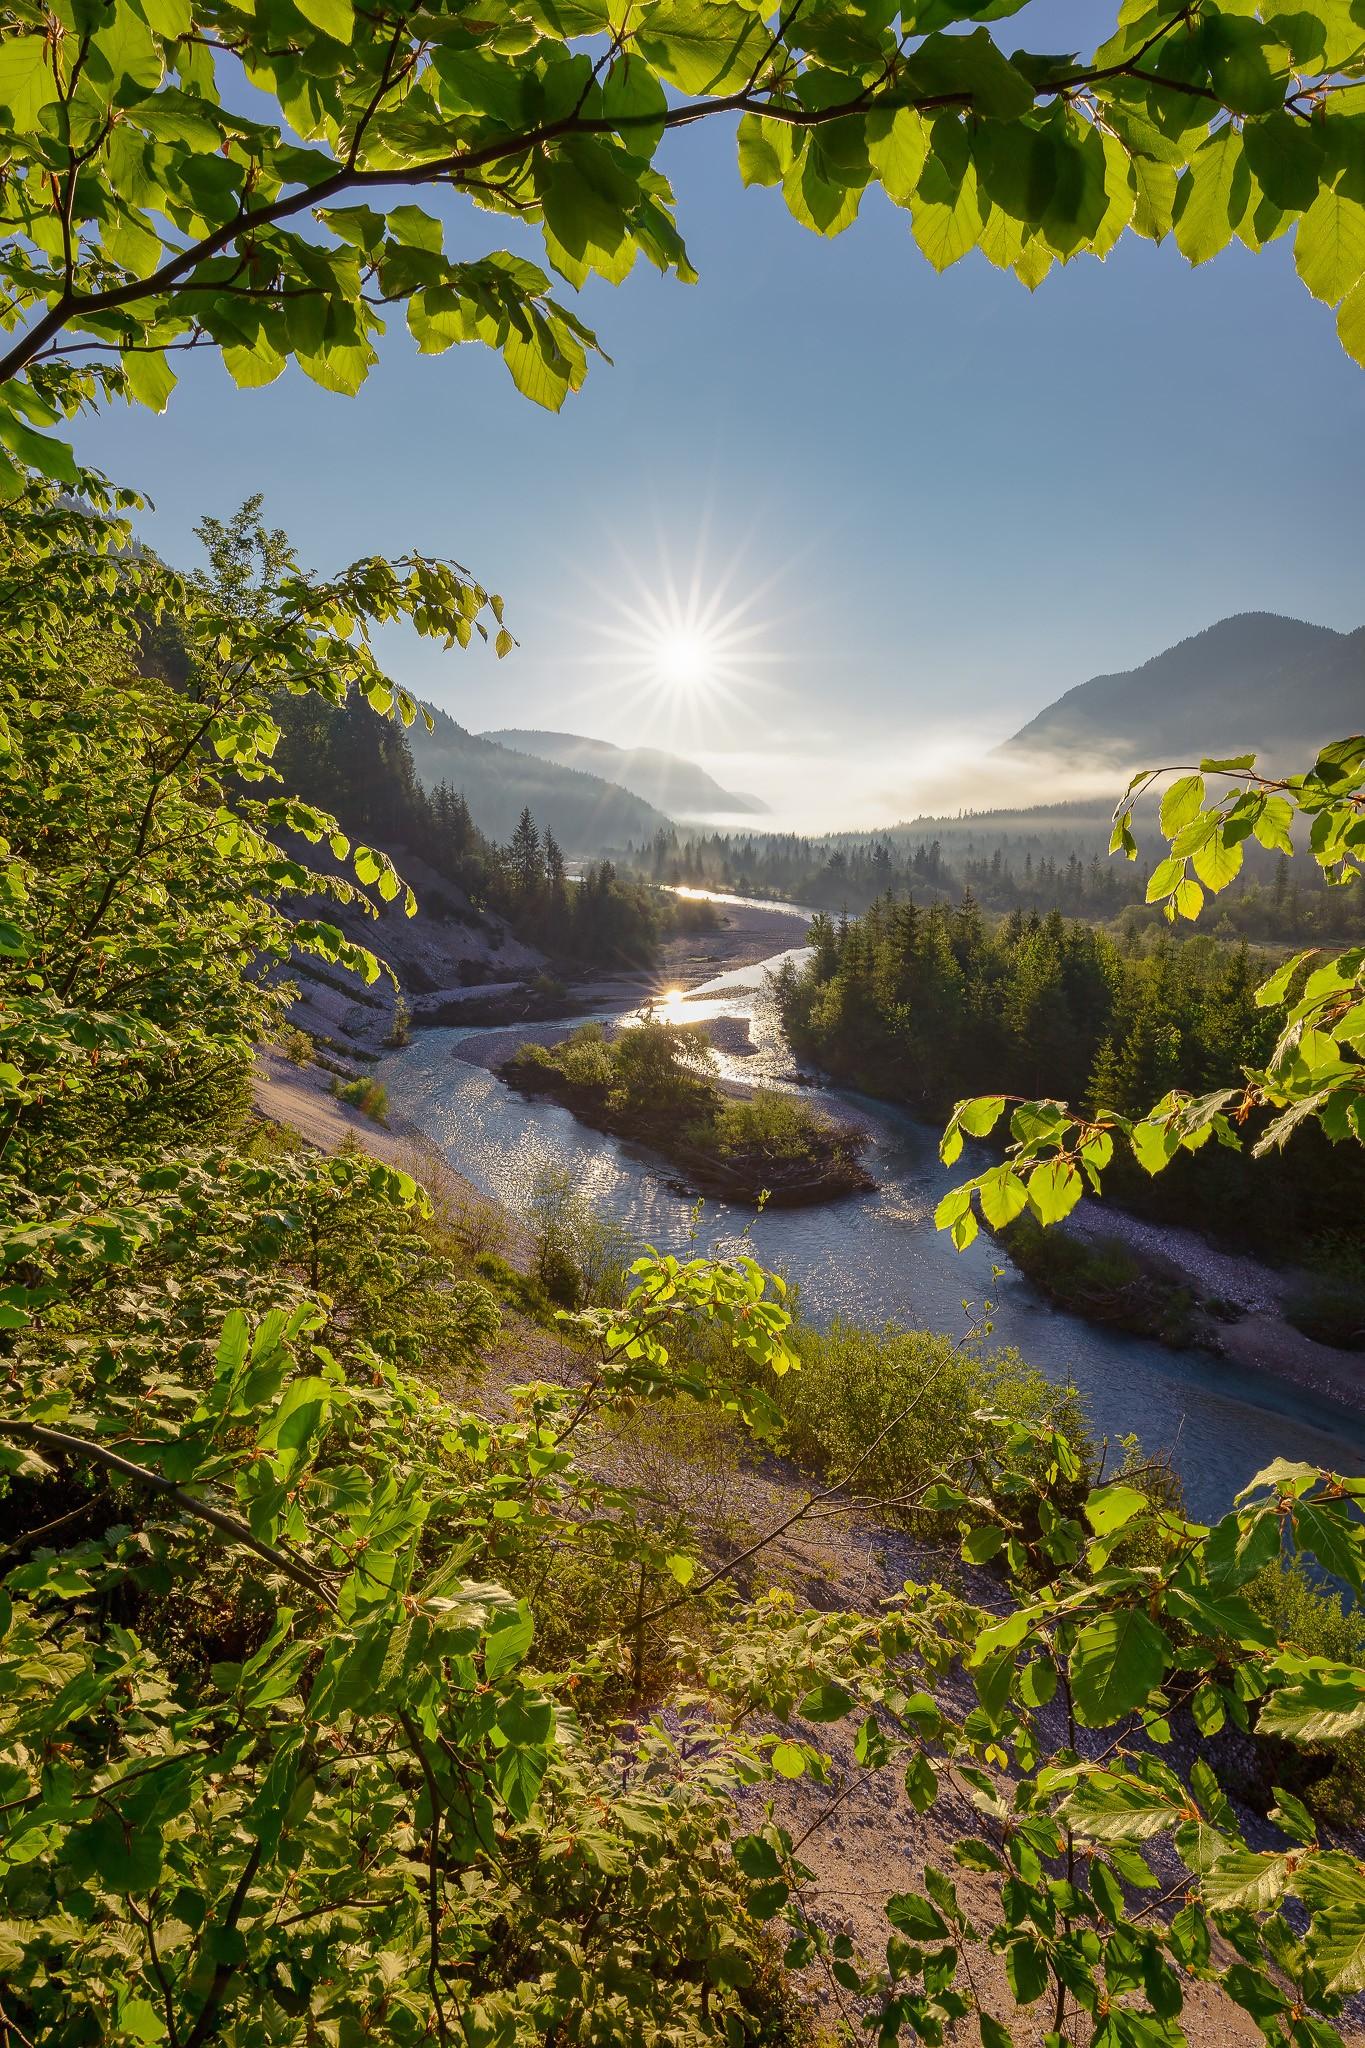 Die Sonne erstrahlt die Isar zwischen Wallgau und Vorderriß. An der Böschung wachsen frische Buchenblätter, die dem Bild einen schönen Rahmen geben. Sonnenaufgang pur!